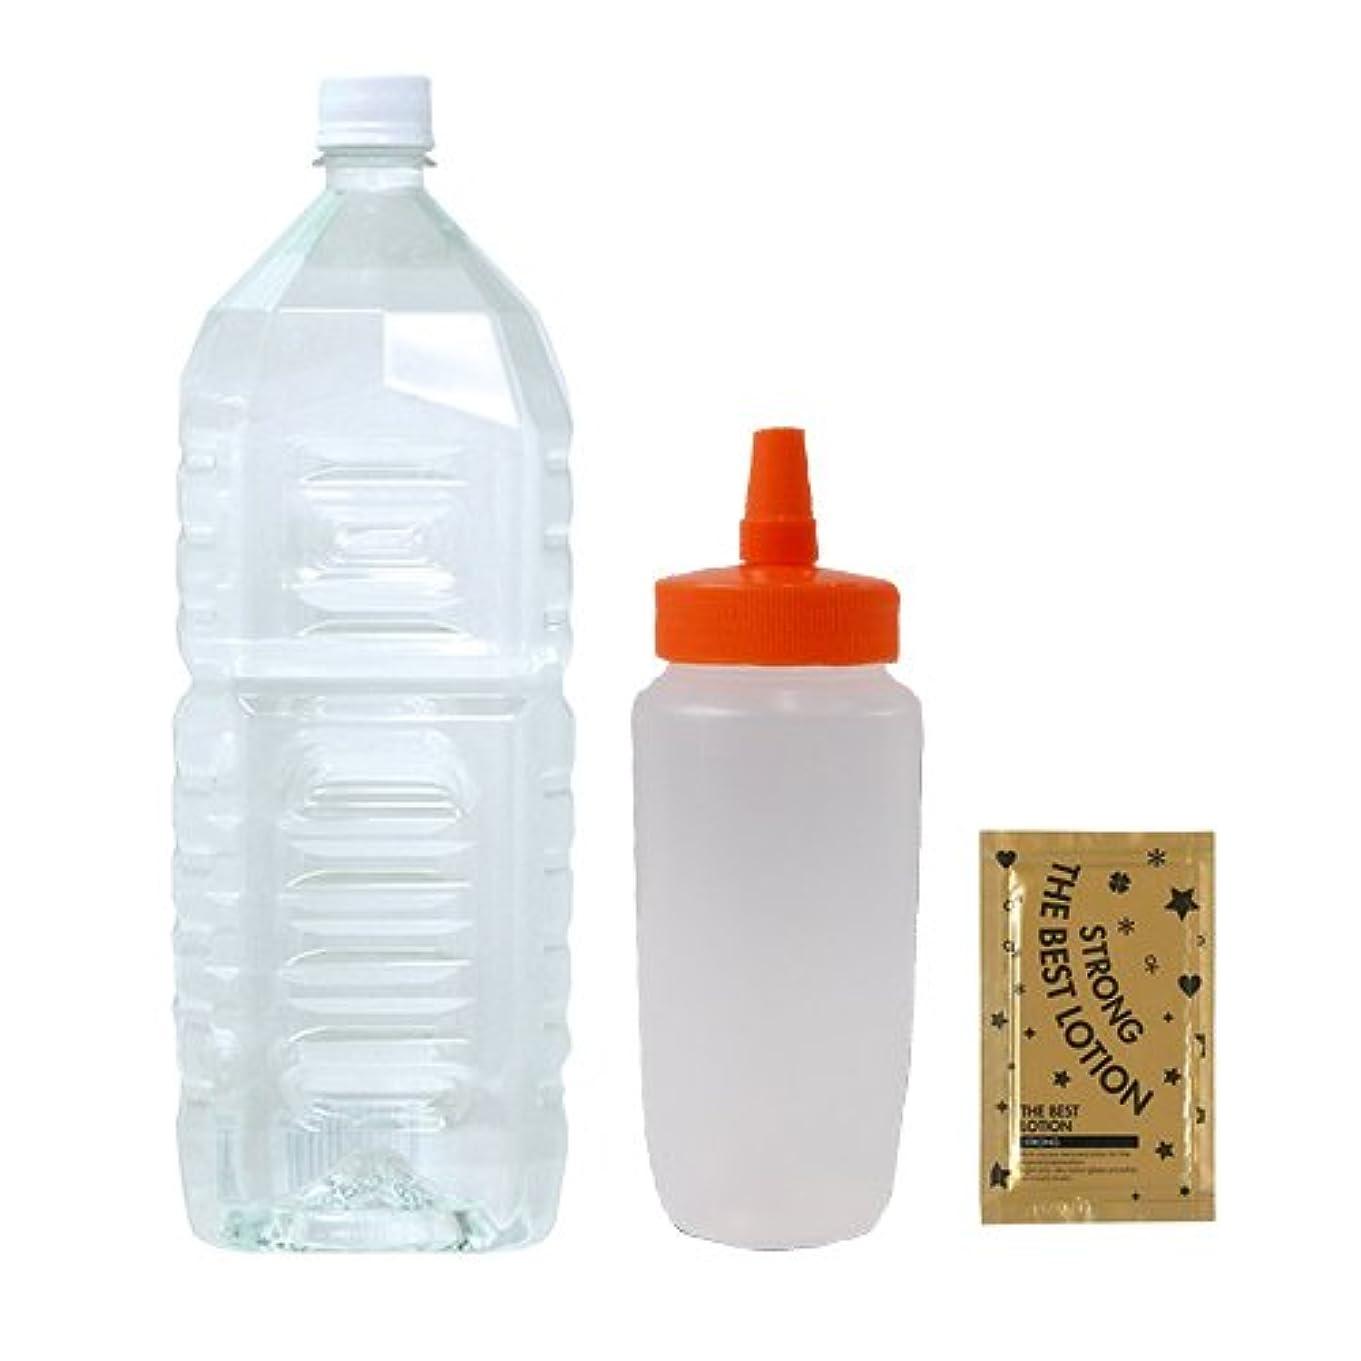 存在ブランク流行しているクリアローション 2Lペットボトル ハードタイプ(5倍濃縮原液)+ はちみつ容器740ml(オレンジキャップ)+ ベストローションストロング 1包付き セット